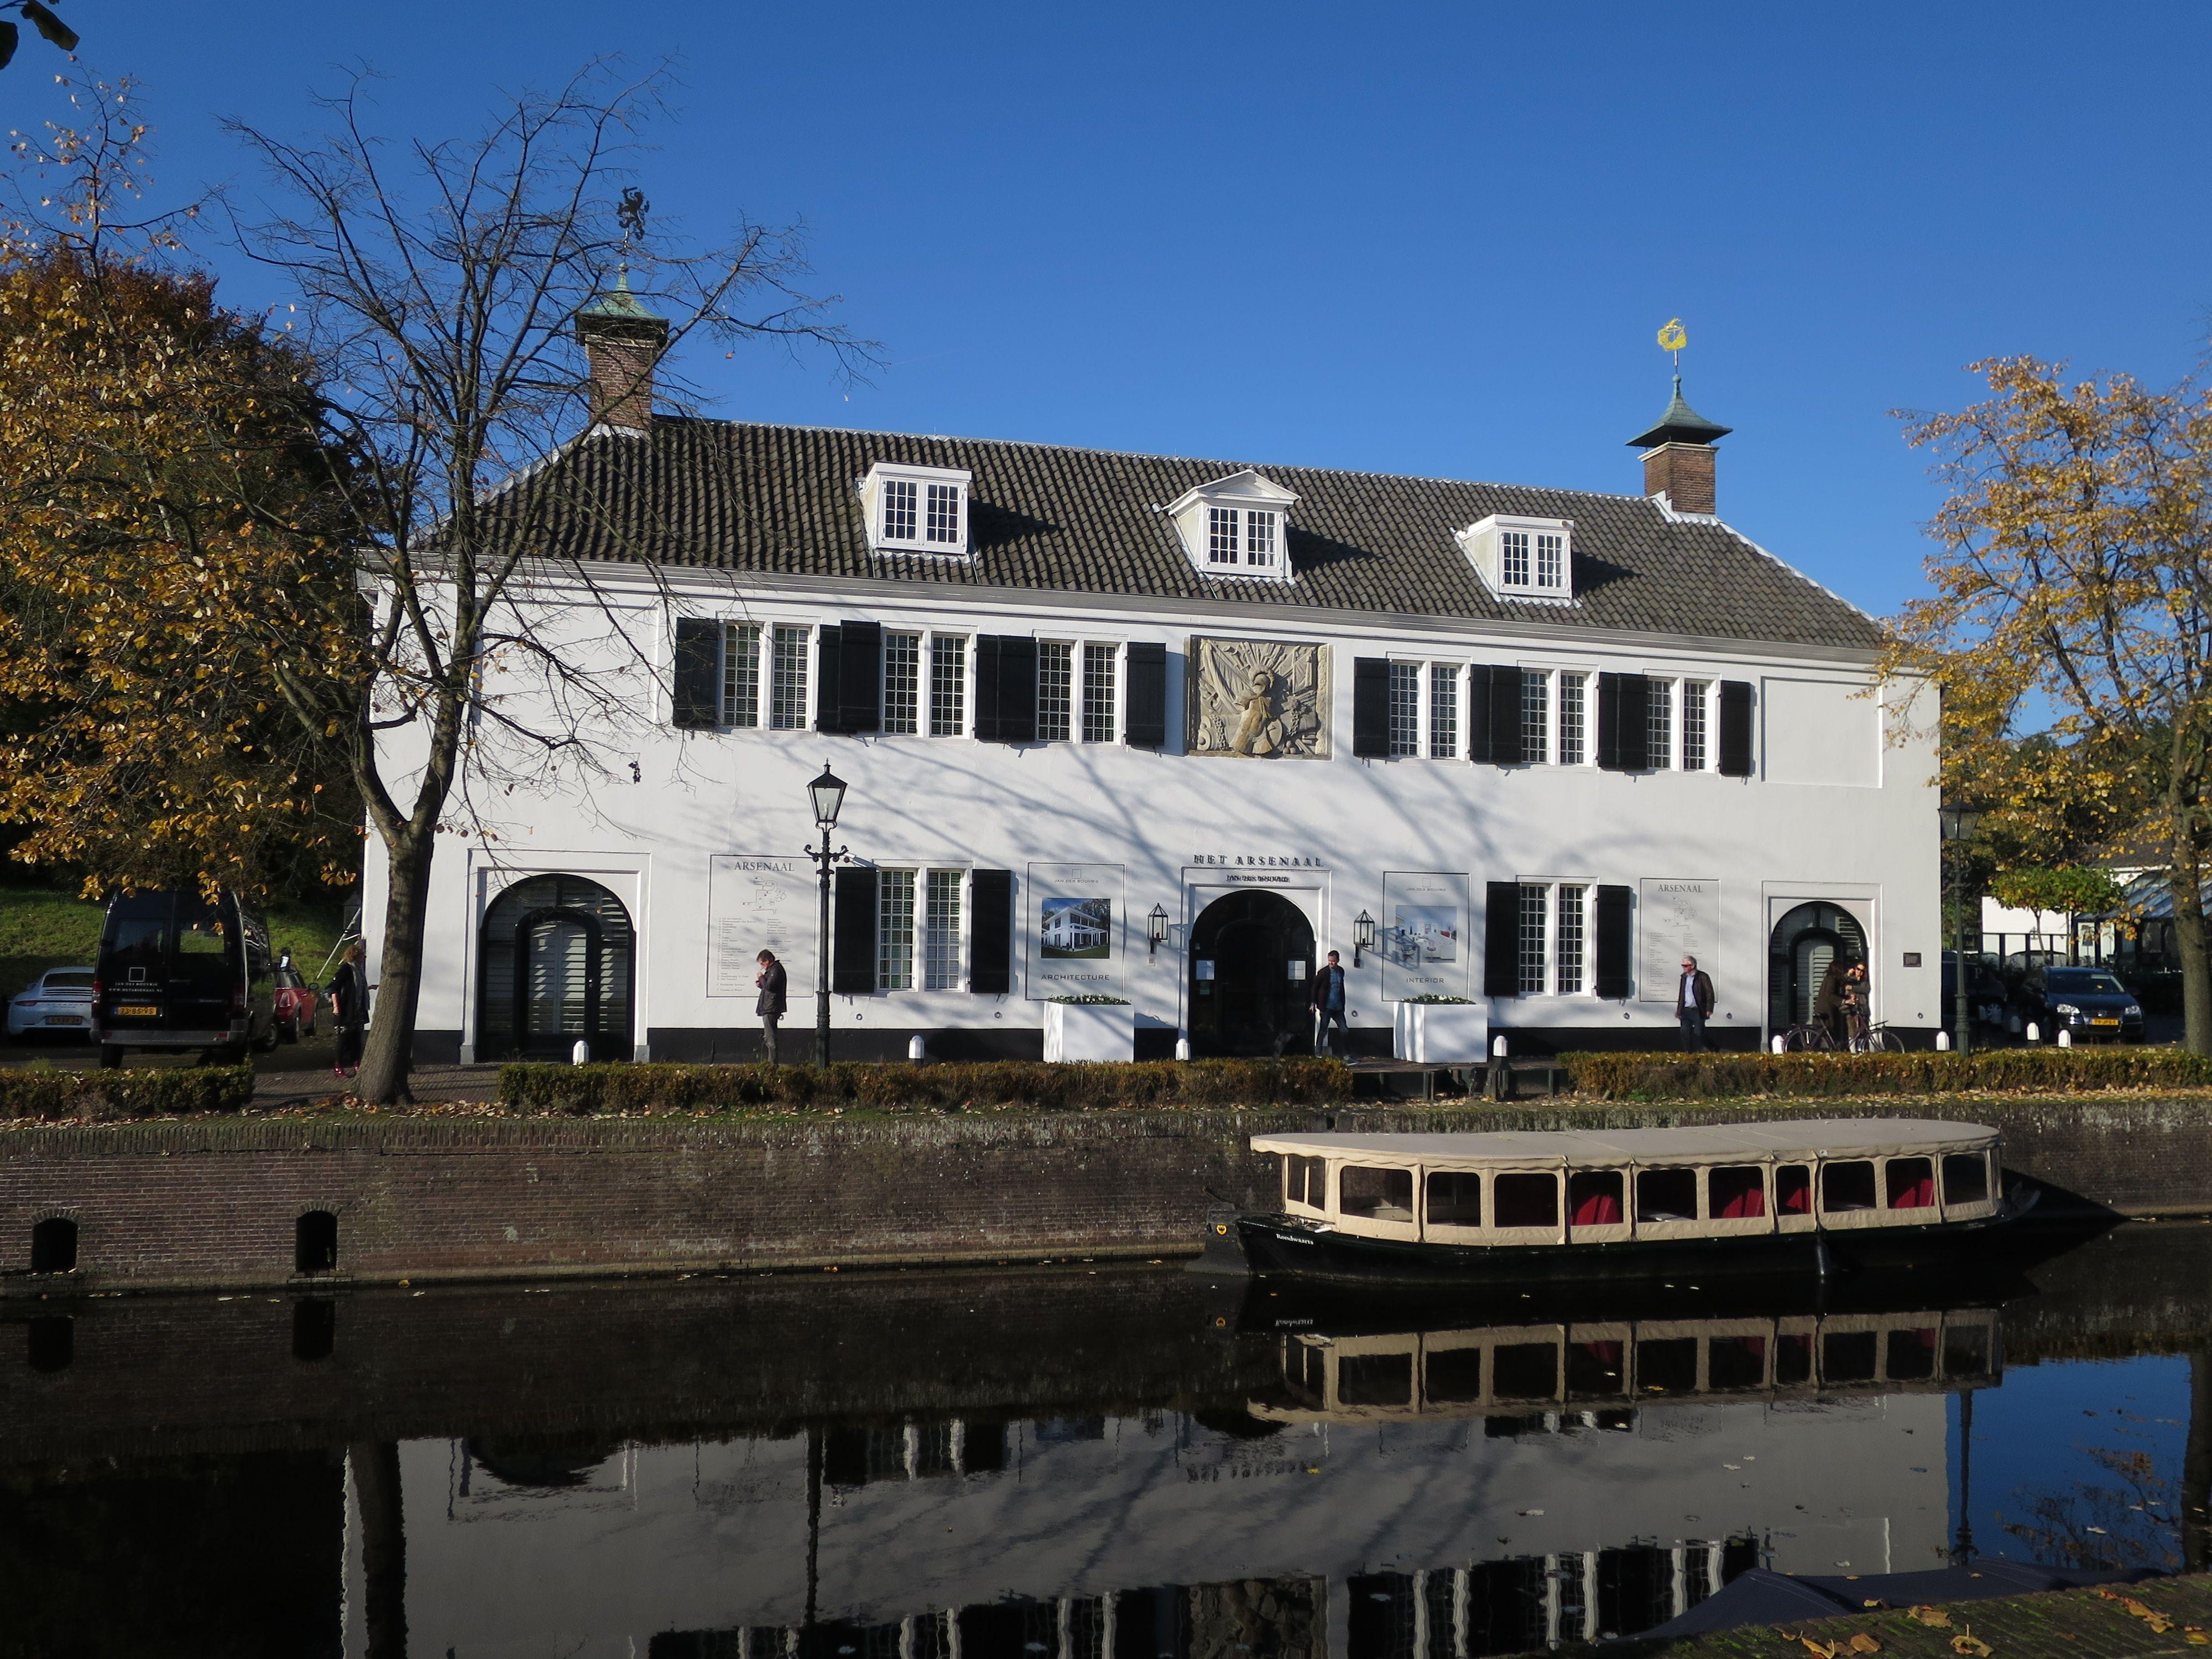 Het Arsenaal Naarden-Vesting | The Netherlands | build: 1688 | Fall 2015 | Conceptstore for interior design | #interiordesign #architecture #shops #winkel #interieurwinkel